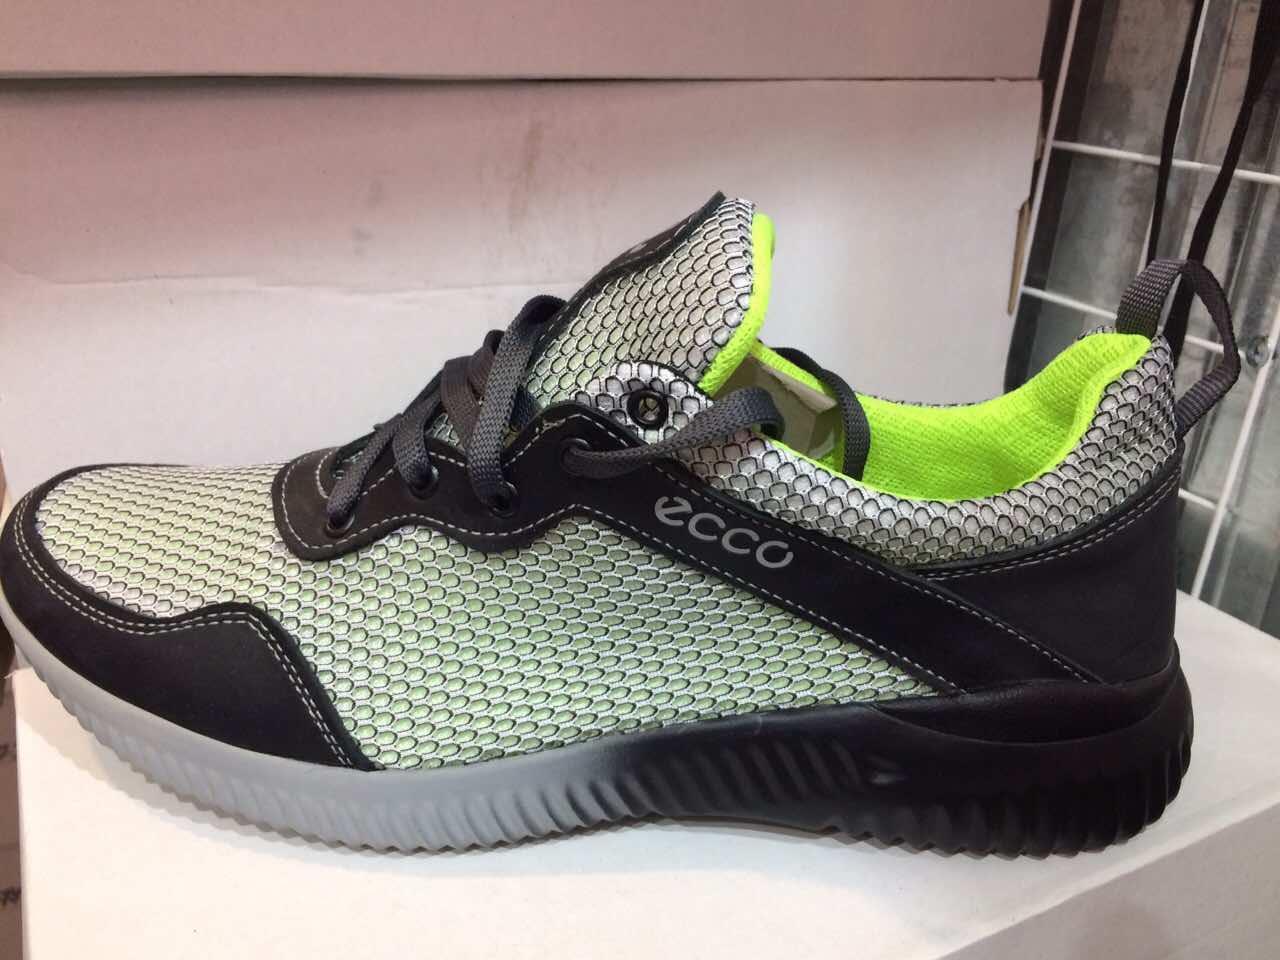 Мужские легкие летние кроссовки ECCO размеры 40, 41, 42, 43, 44, 45